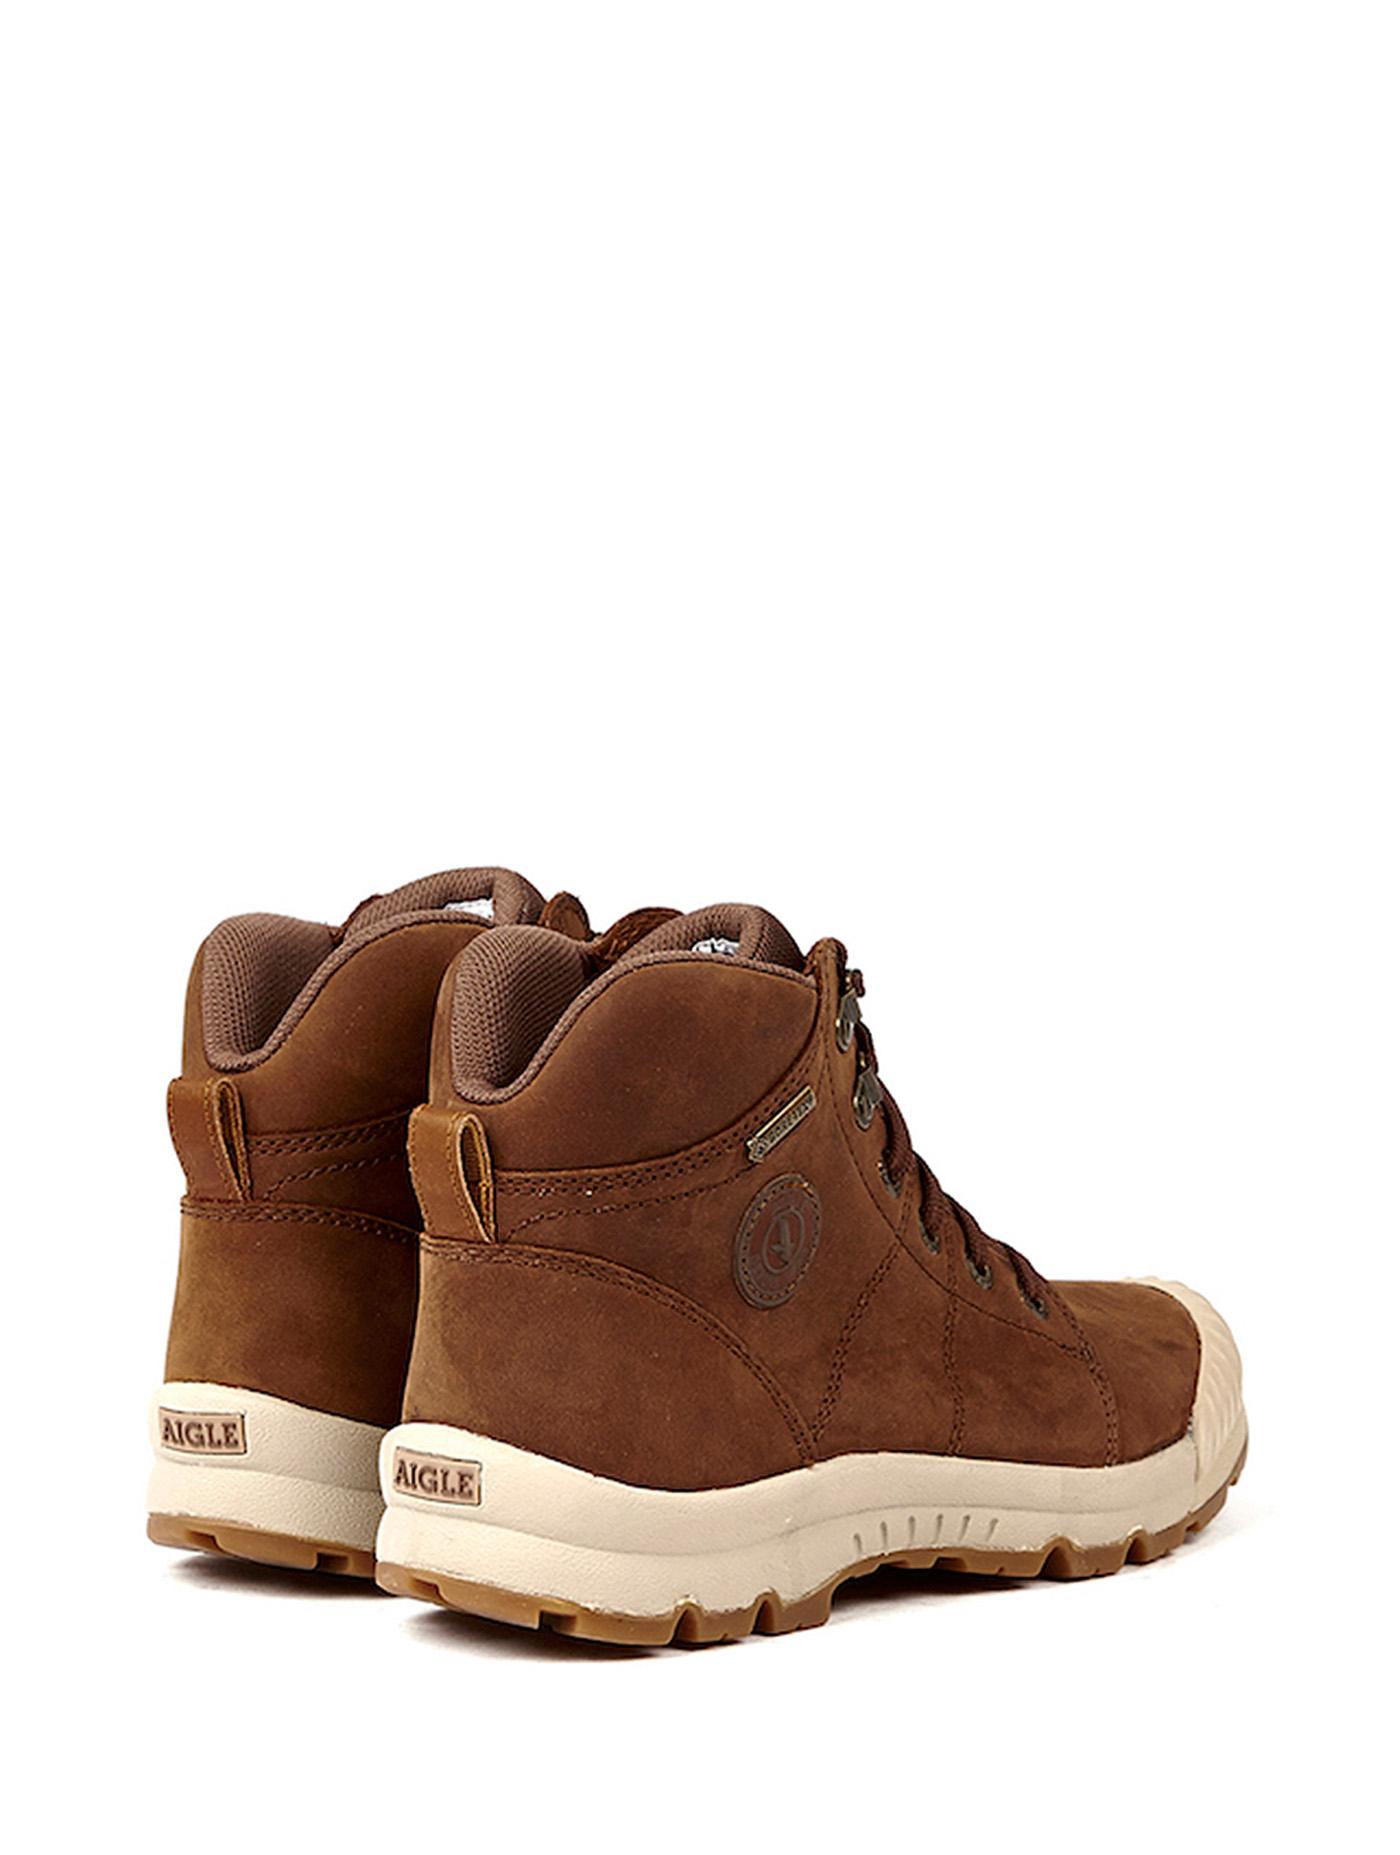 TENERE® LIGHT LEATHER | Chaussures de marche Gore Tex® Femme